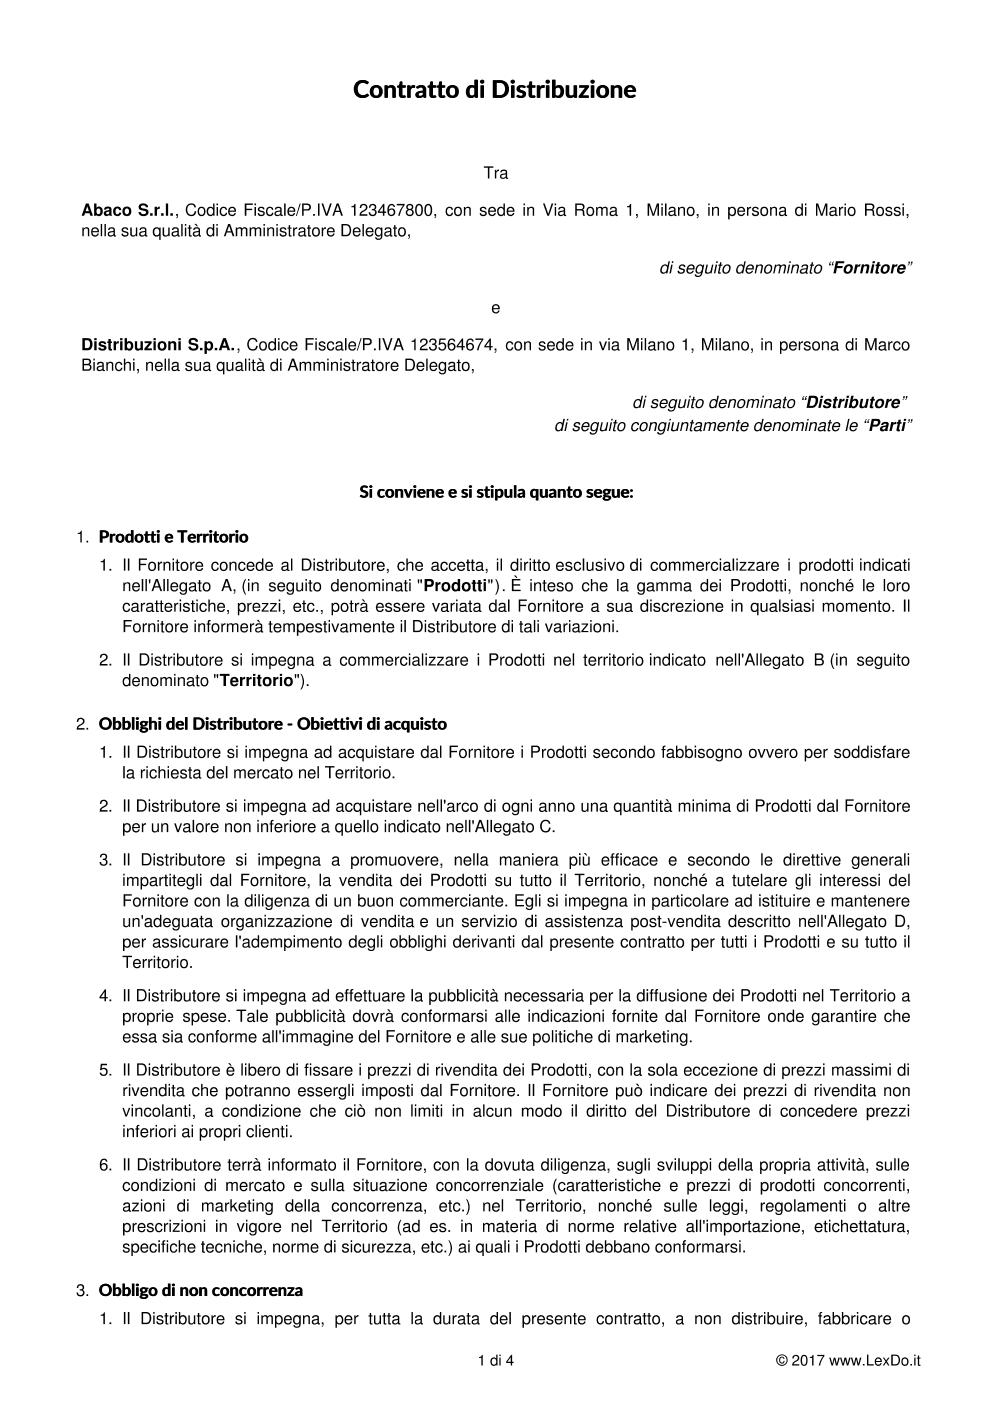 Contratto di distribuzione commerciale - Contratto locazione uso foresteria fac simile ...